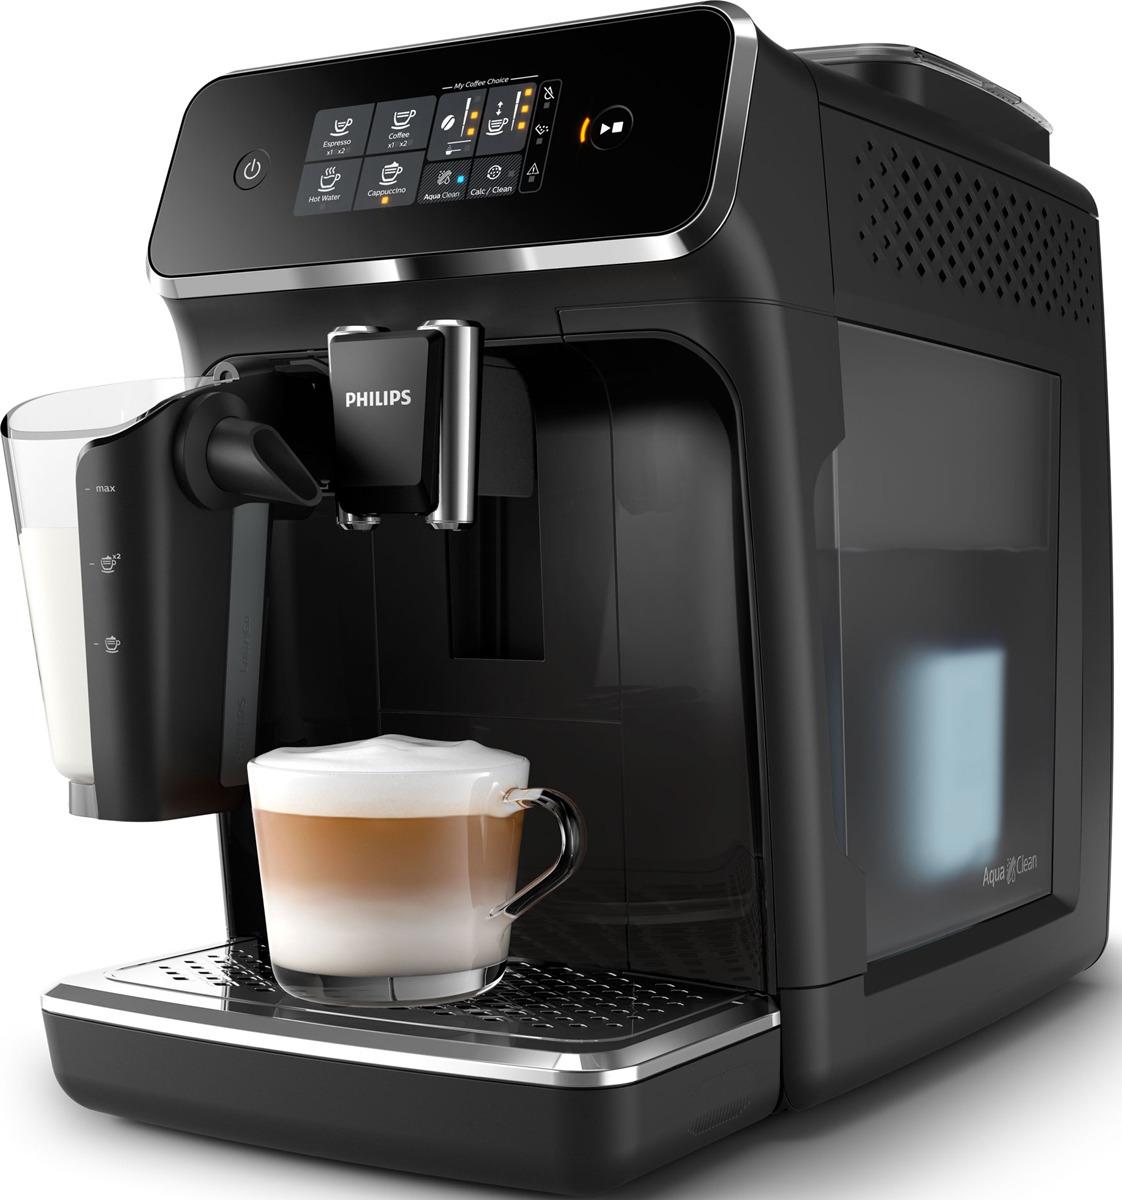 Автоматическая кофемашина Philips Series 2200 EP2231/40 с капучинатором LatteGo, черный